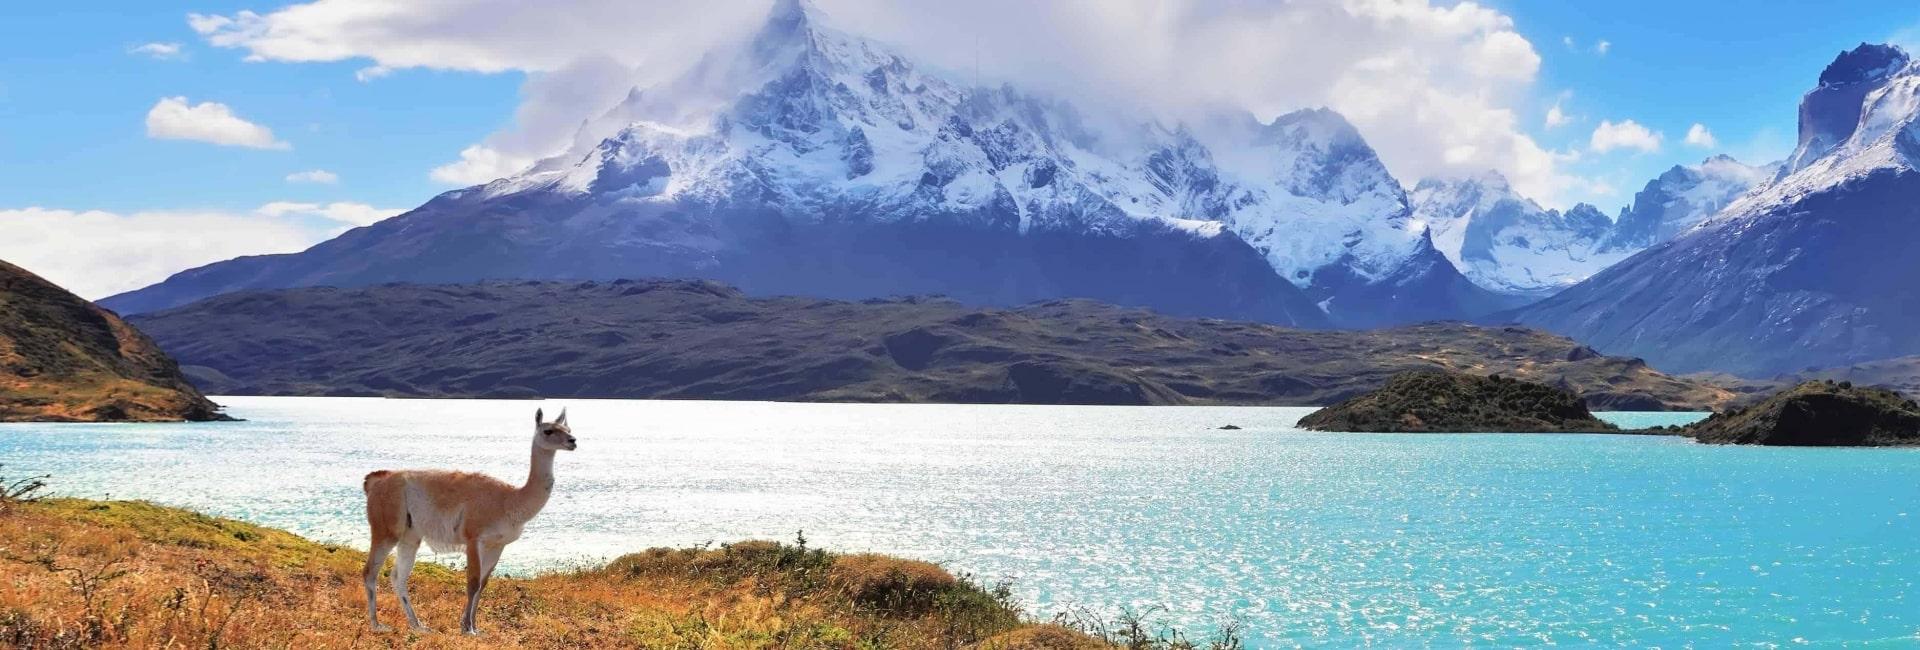 Der er billedskønt i regionen Patagonien - Risskov Rejser